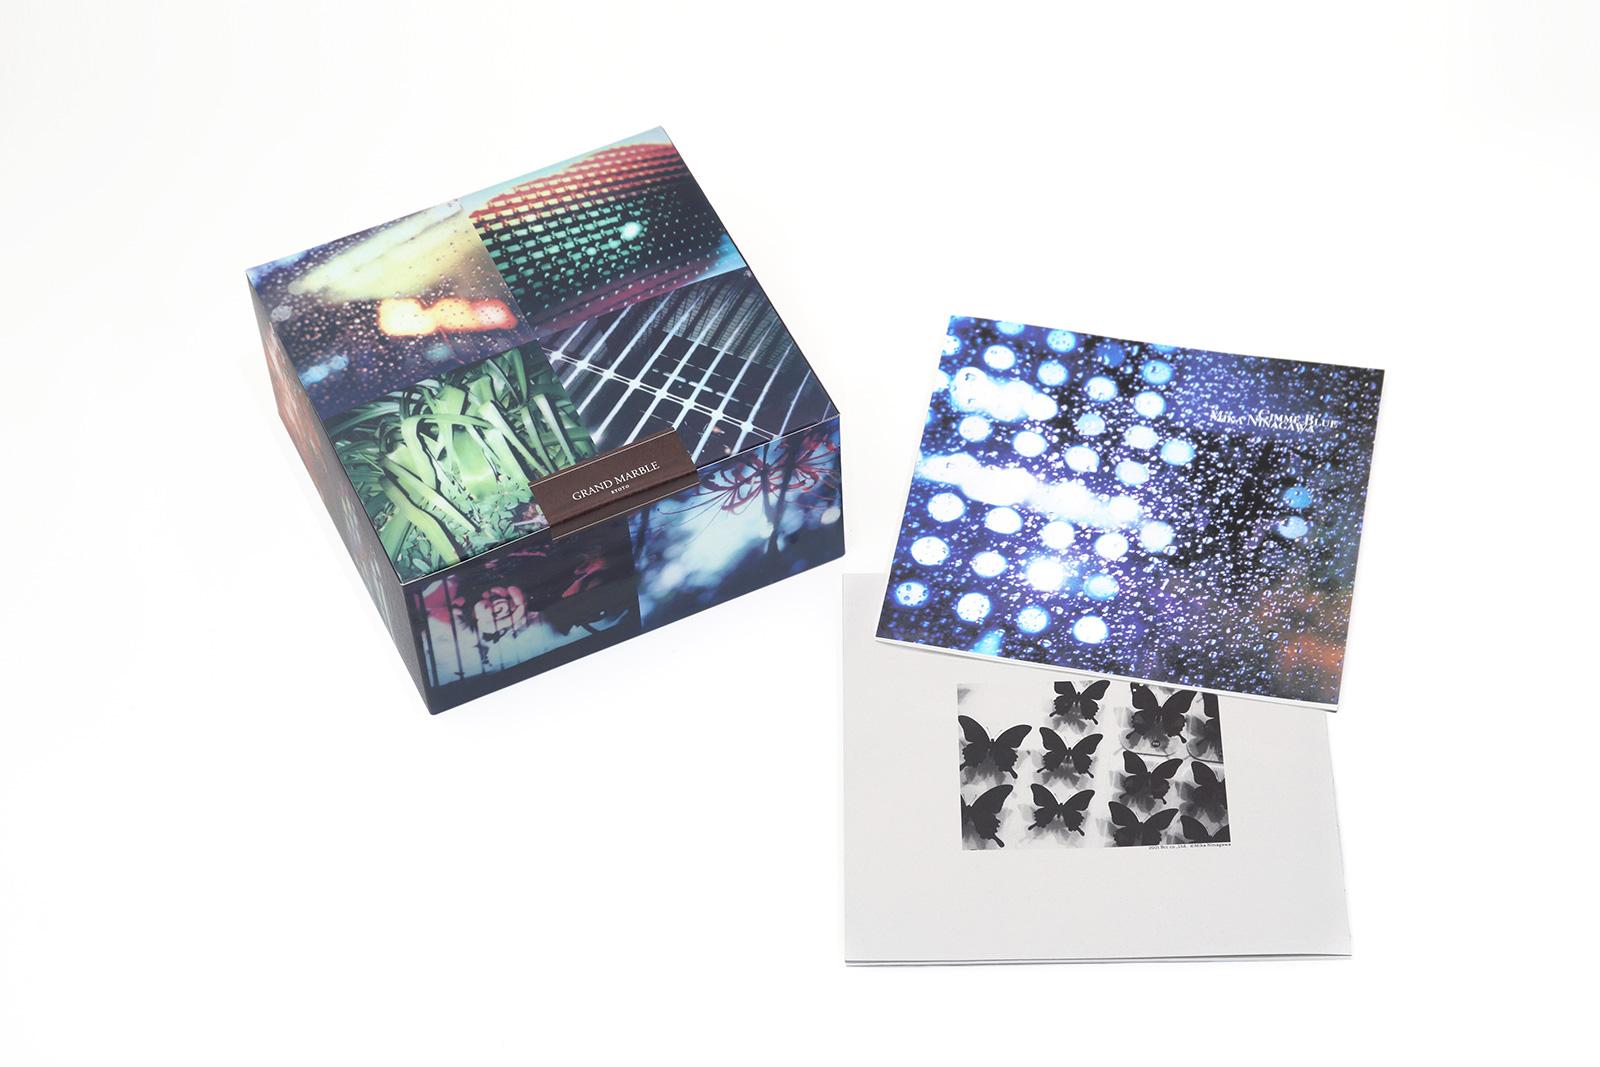 蜷川実花ポラロイド写真展 / escape|Ff(エフエフ)|パークアウトドア施設